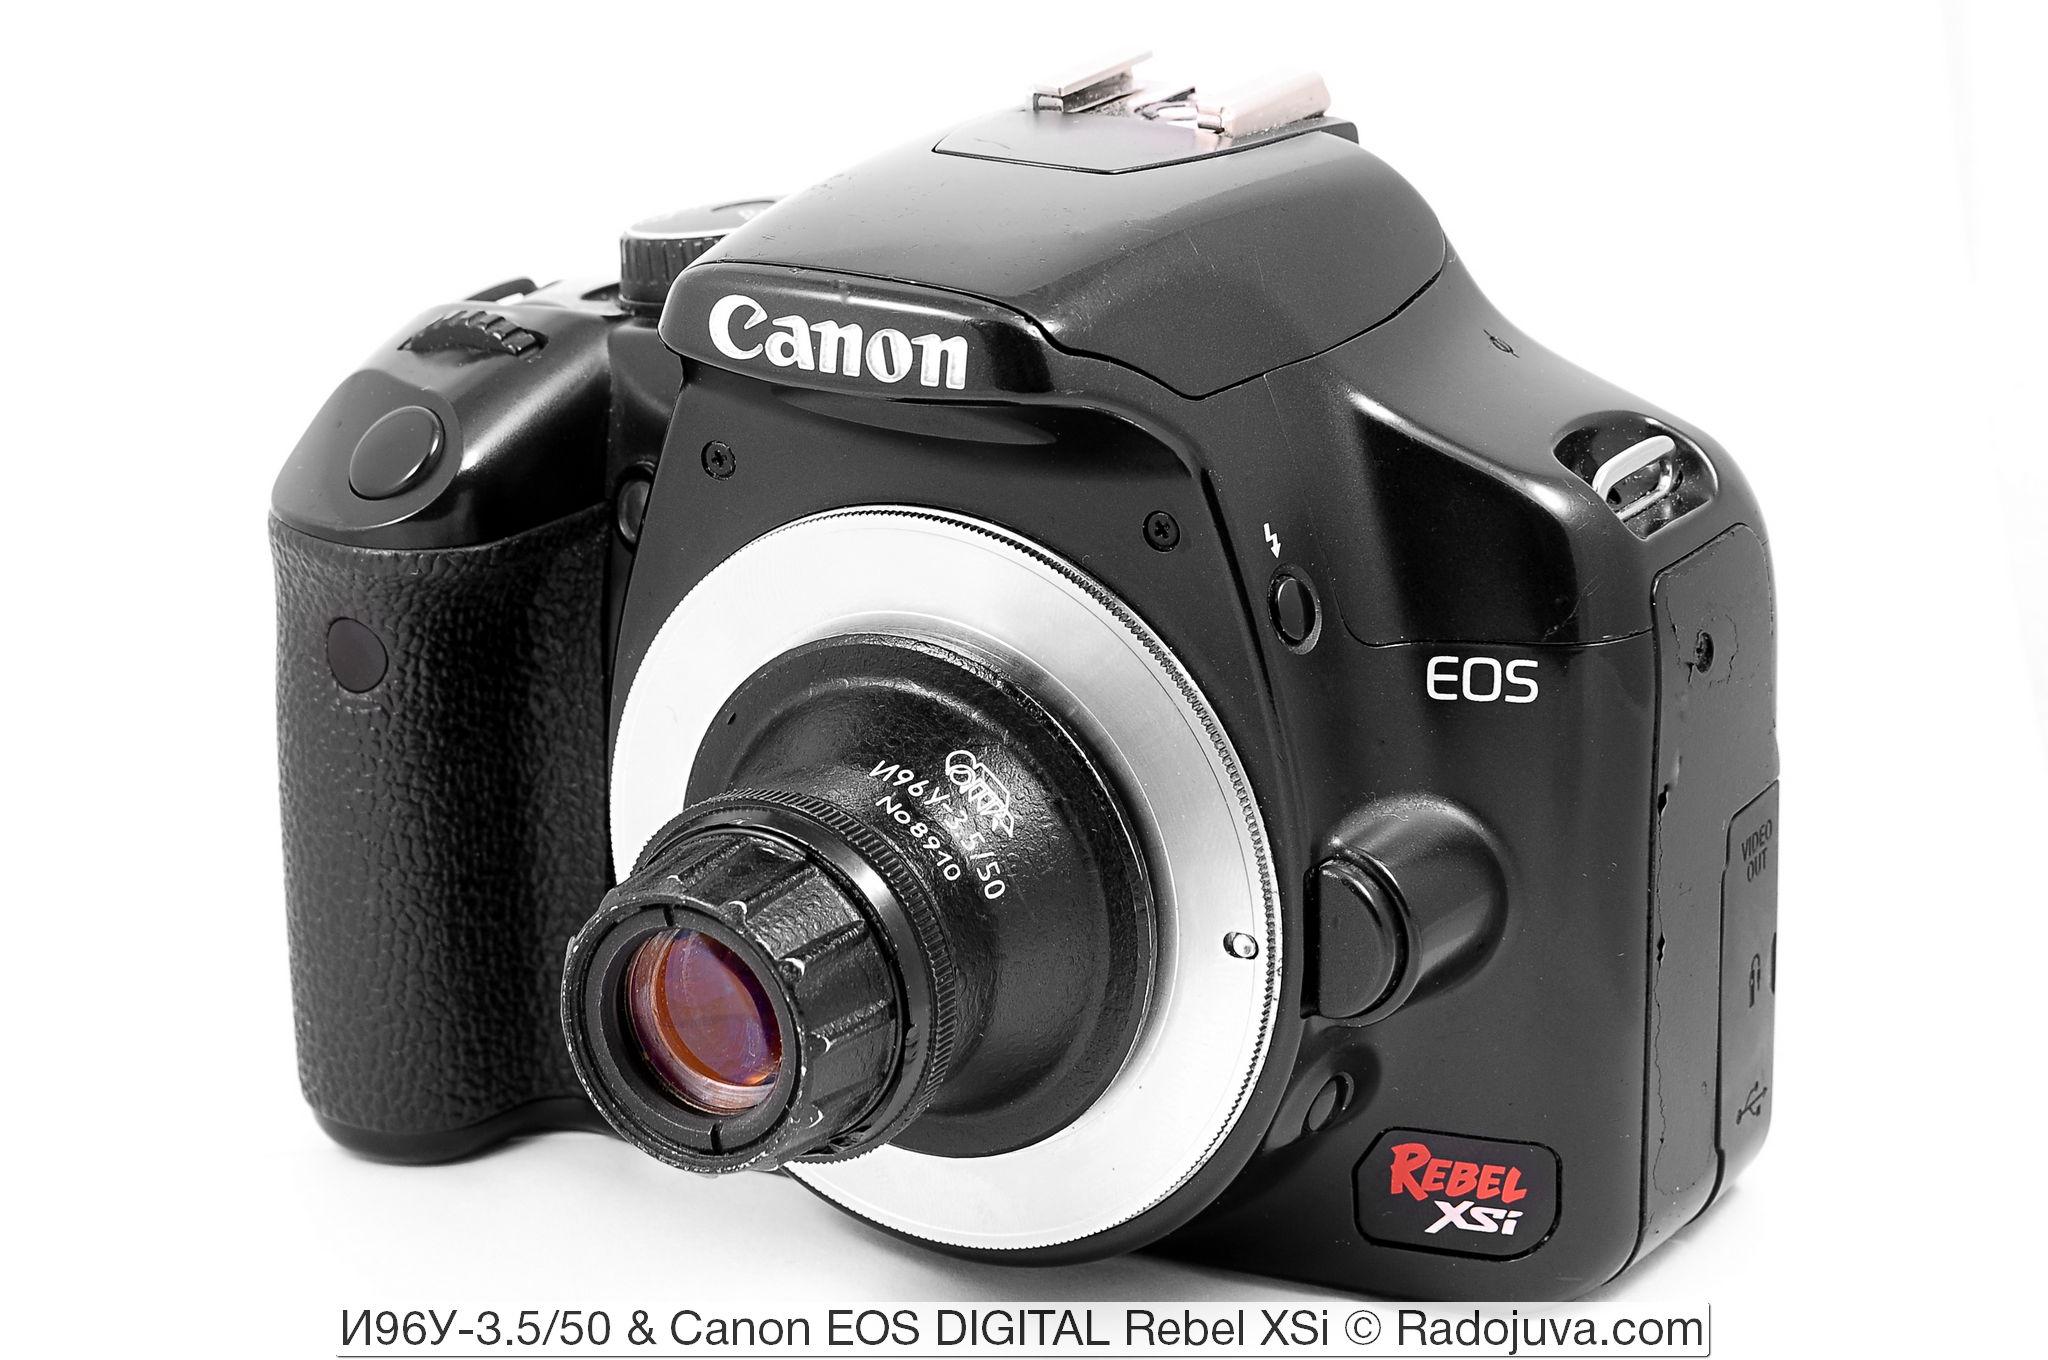 И96У-3.5/50, объектив показан на камере Canon EOS DIGITAL Rebel XSi. Установлен с помощью переходников M42-Canon EOS и M39-M42.